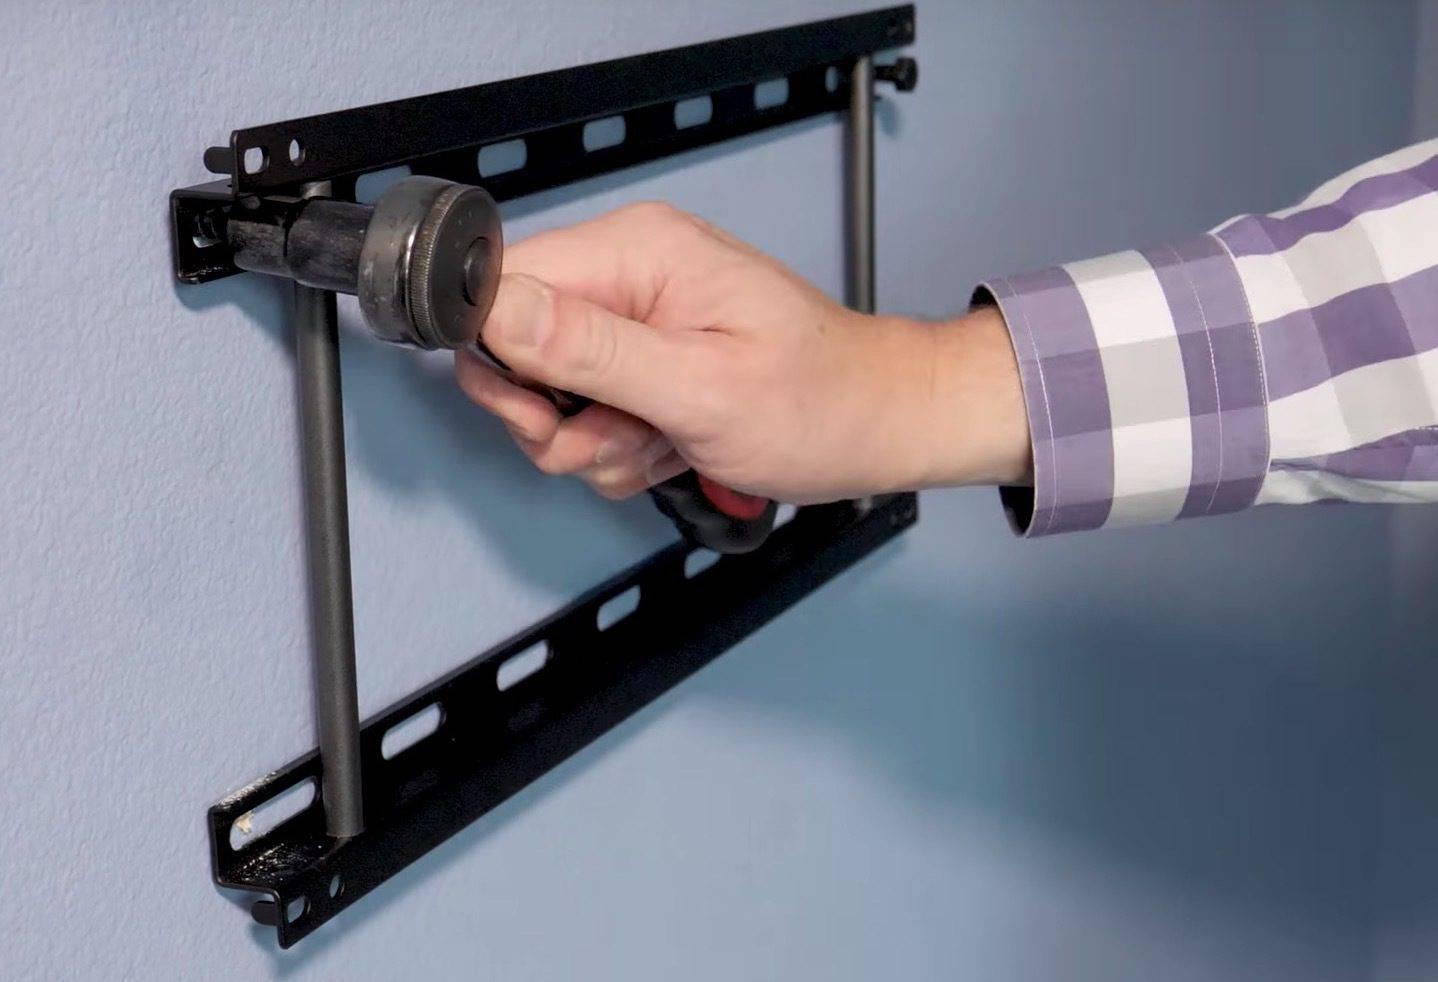 Как повесить телевизор на стену с кронштейном: как правильно закрепить своими руками, пошаговая инструкция по установке + видео, на какой высоте вешать